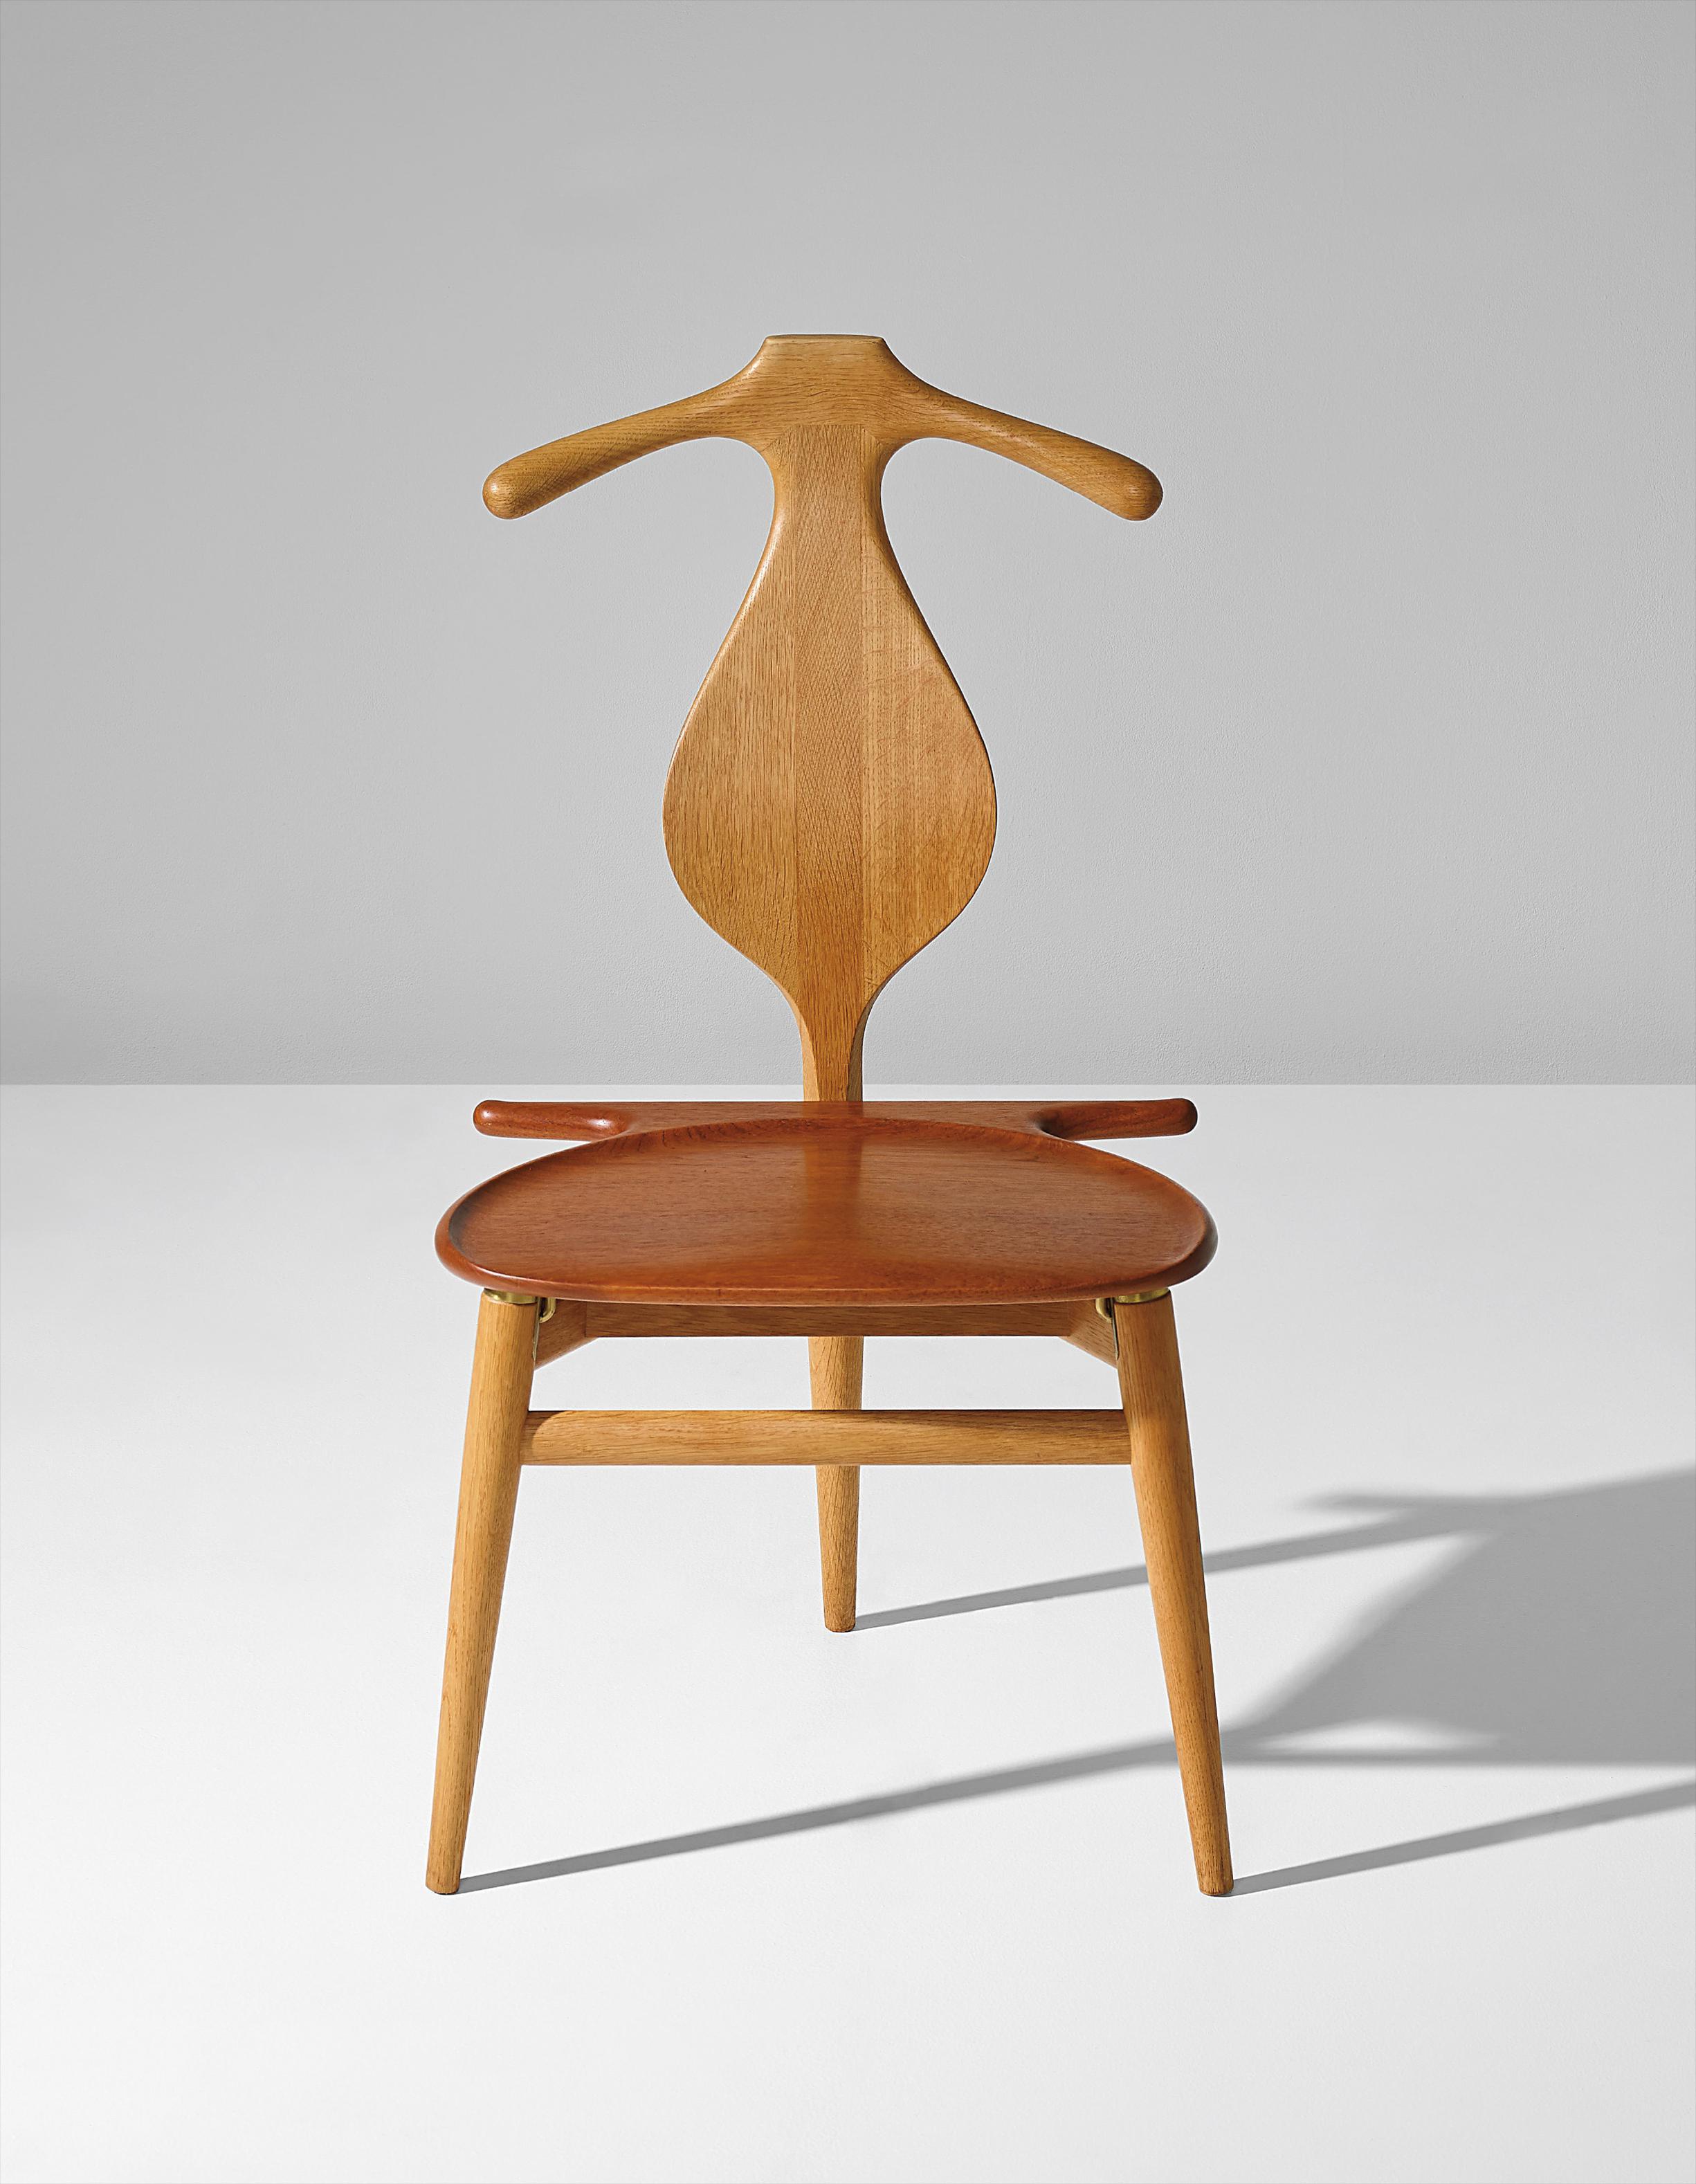 Hans J. Wegner-Valet Chair, Model No. Jh540-1953